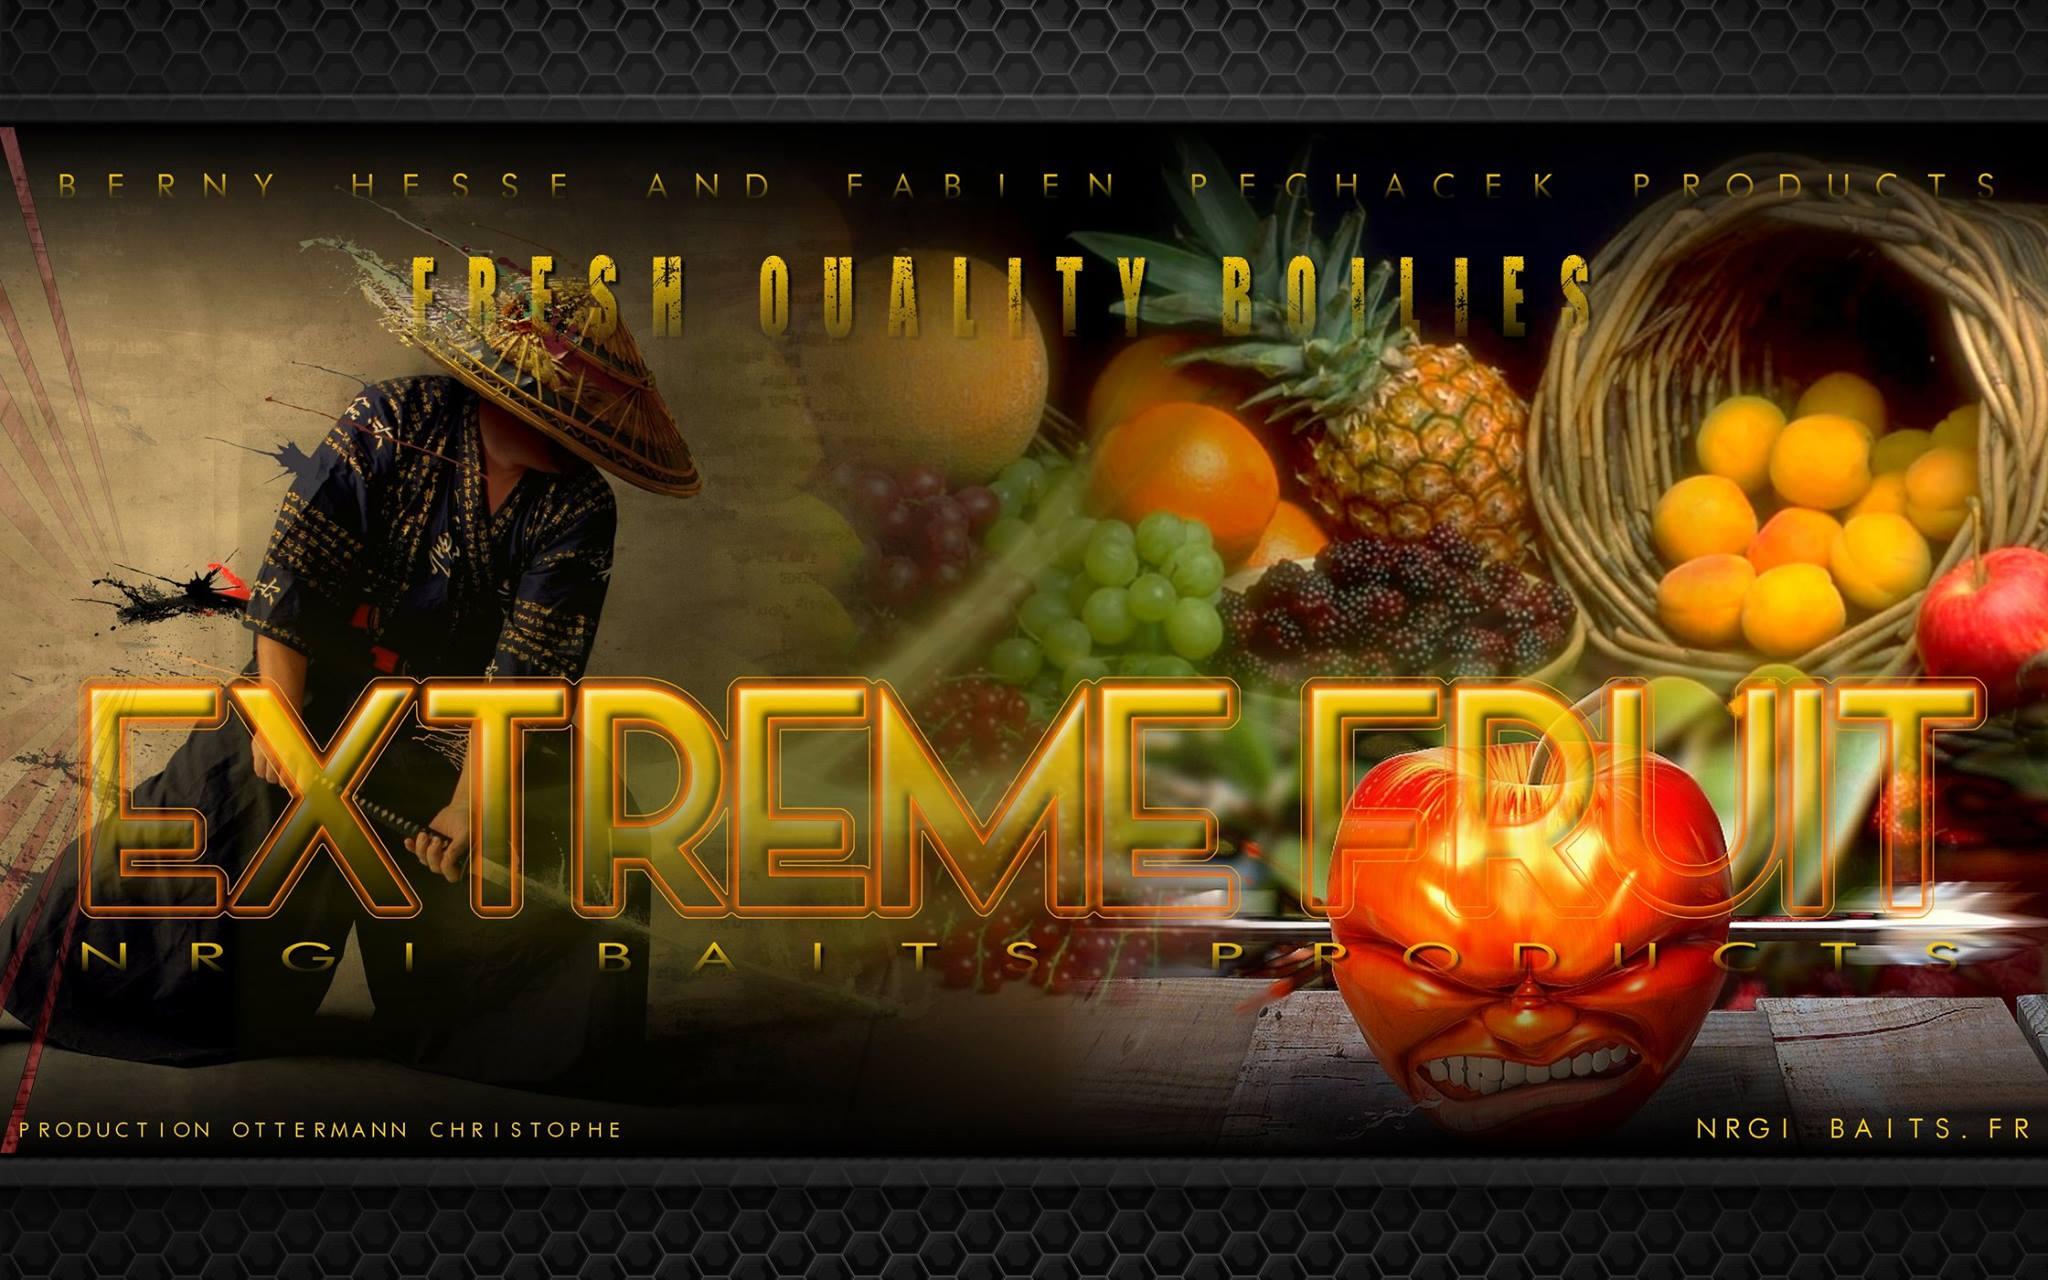 Gamme Extrême Fruit- sur commande uniquement-dispo sous 7 jours après commande